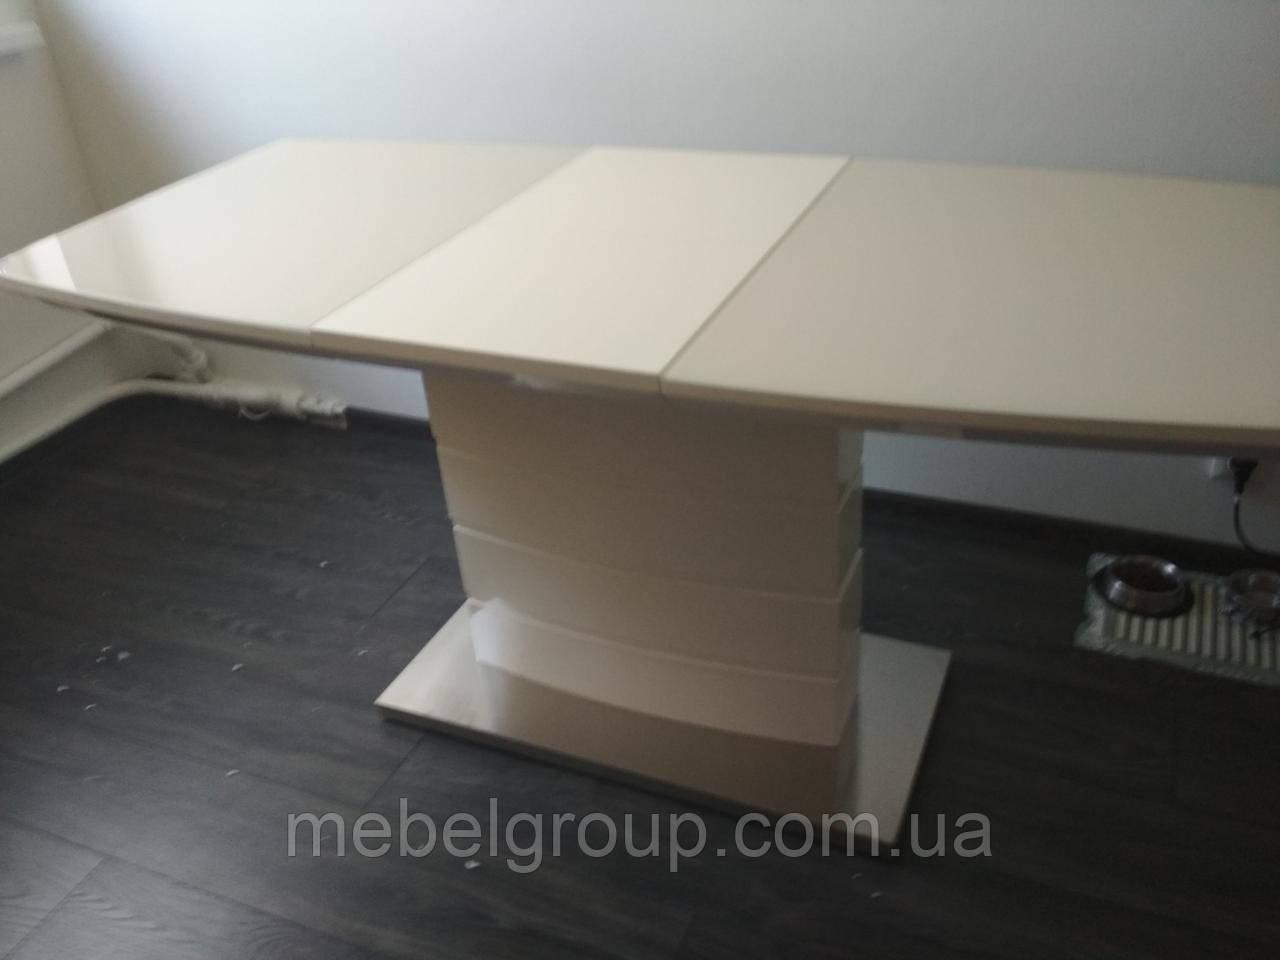 Стол TM-50-1 молочный 120/160x80